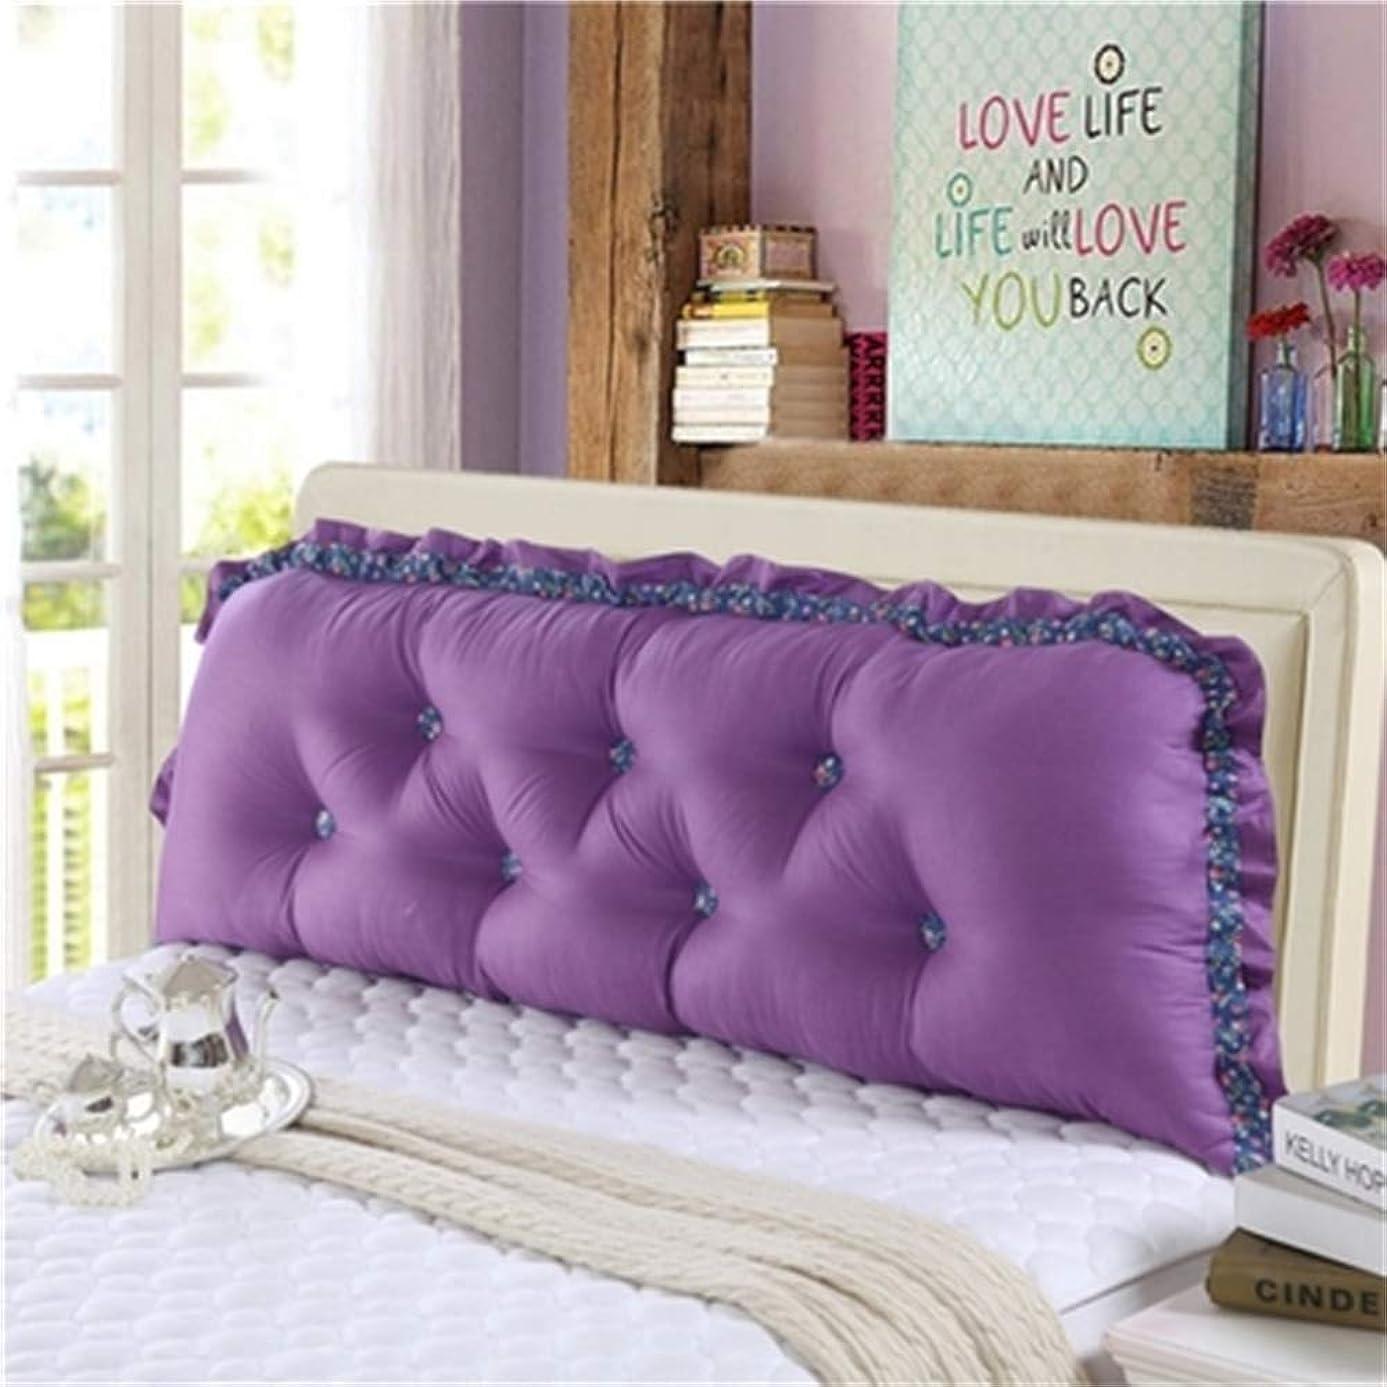 プレーヤーコーヒー本物のGLP 人格韓国子供部屋プリンセスかわいいシンプルなストリップ綿背もたれベッド枕洗える漫画枕、19色&5サイズ (Color : P, Size : 120x18x55cm)